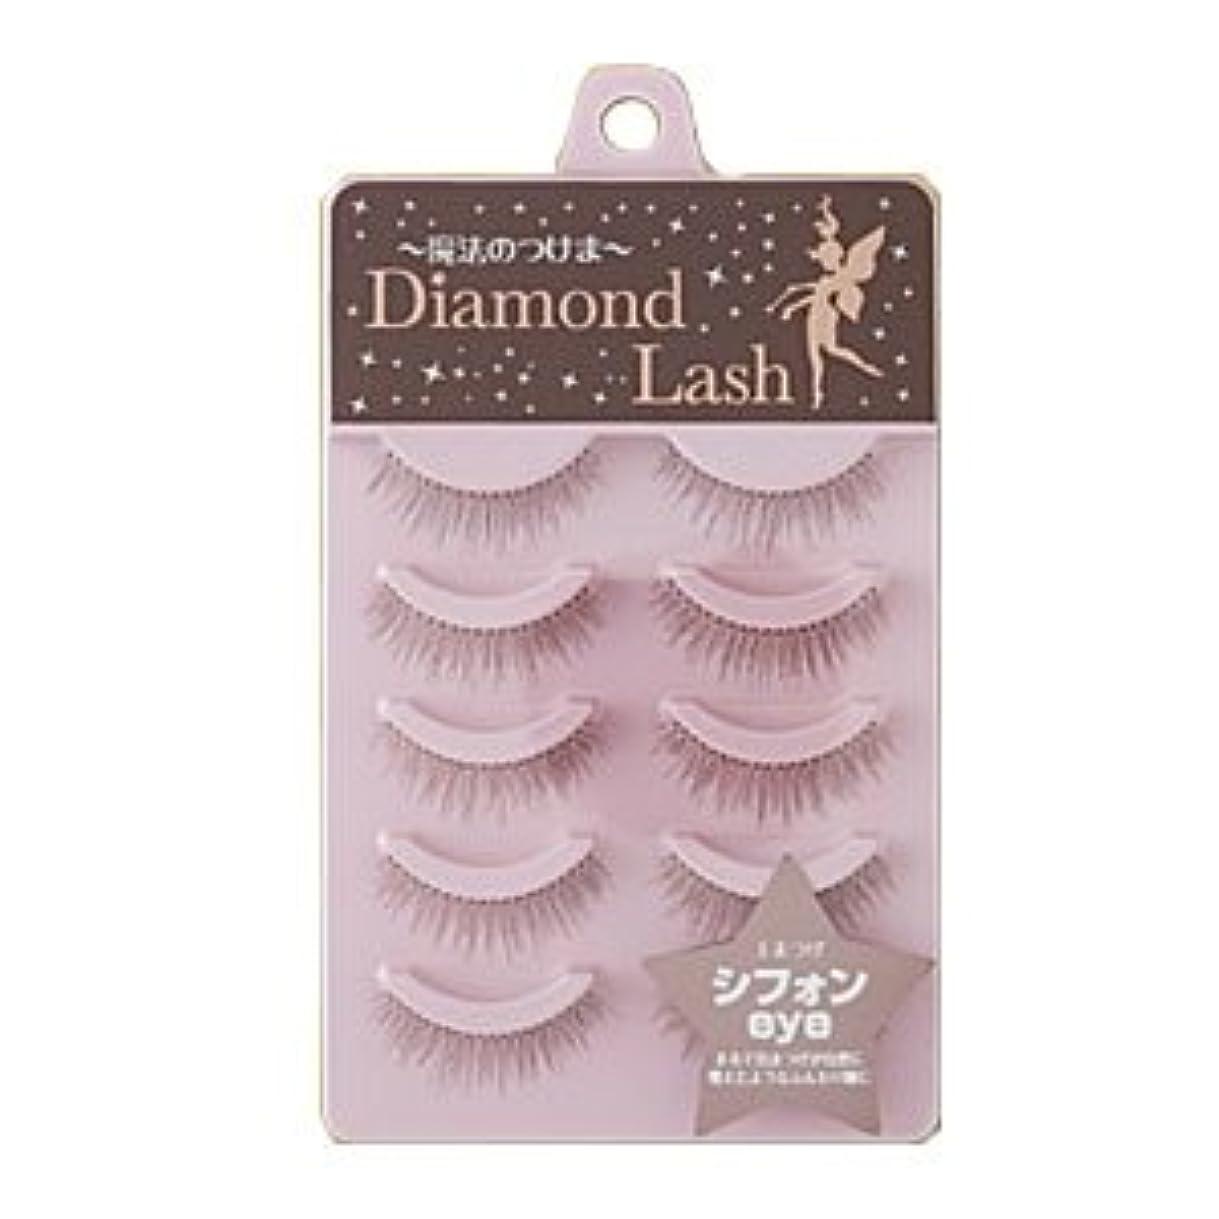 評判構成するましいダイヤモンドラッシュ Diamond Lash つけまつげ リッチブラウンシリーズ シフォンeye